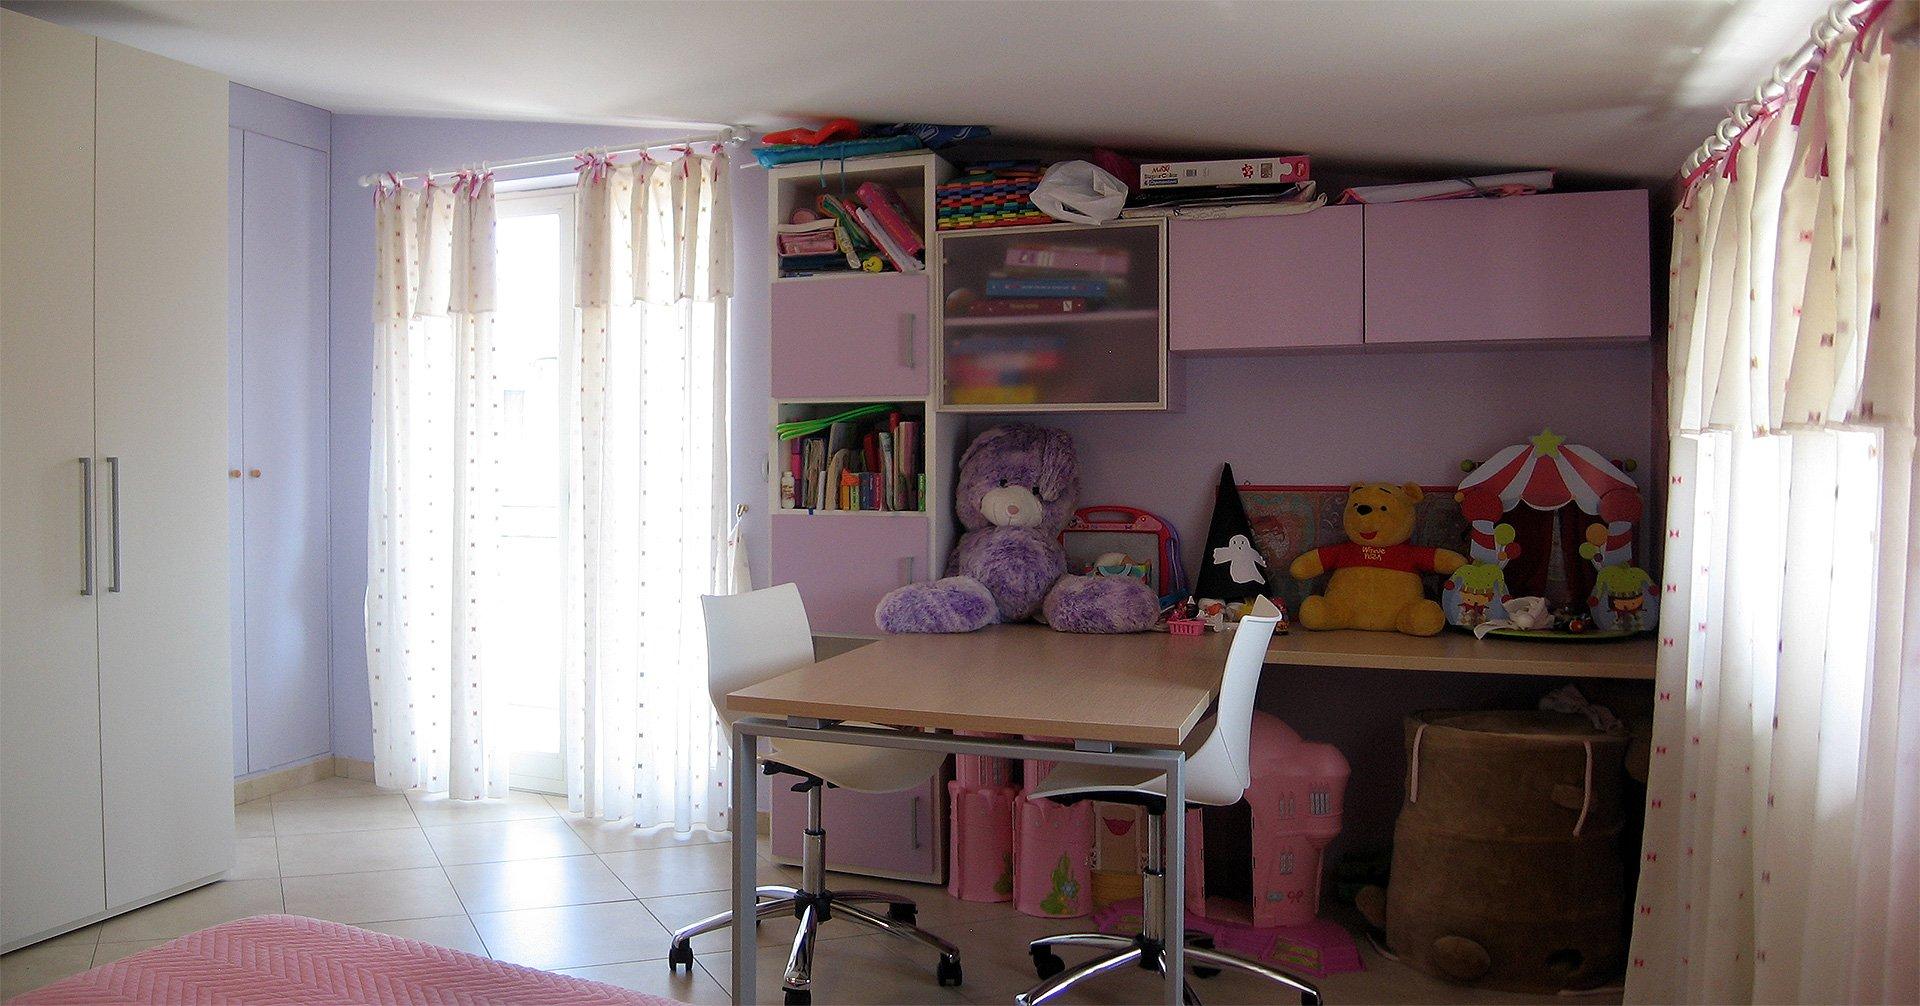 Progetto di arredo di una cameretta per bambini - Camera per bambina ...